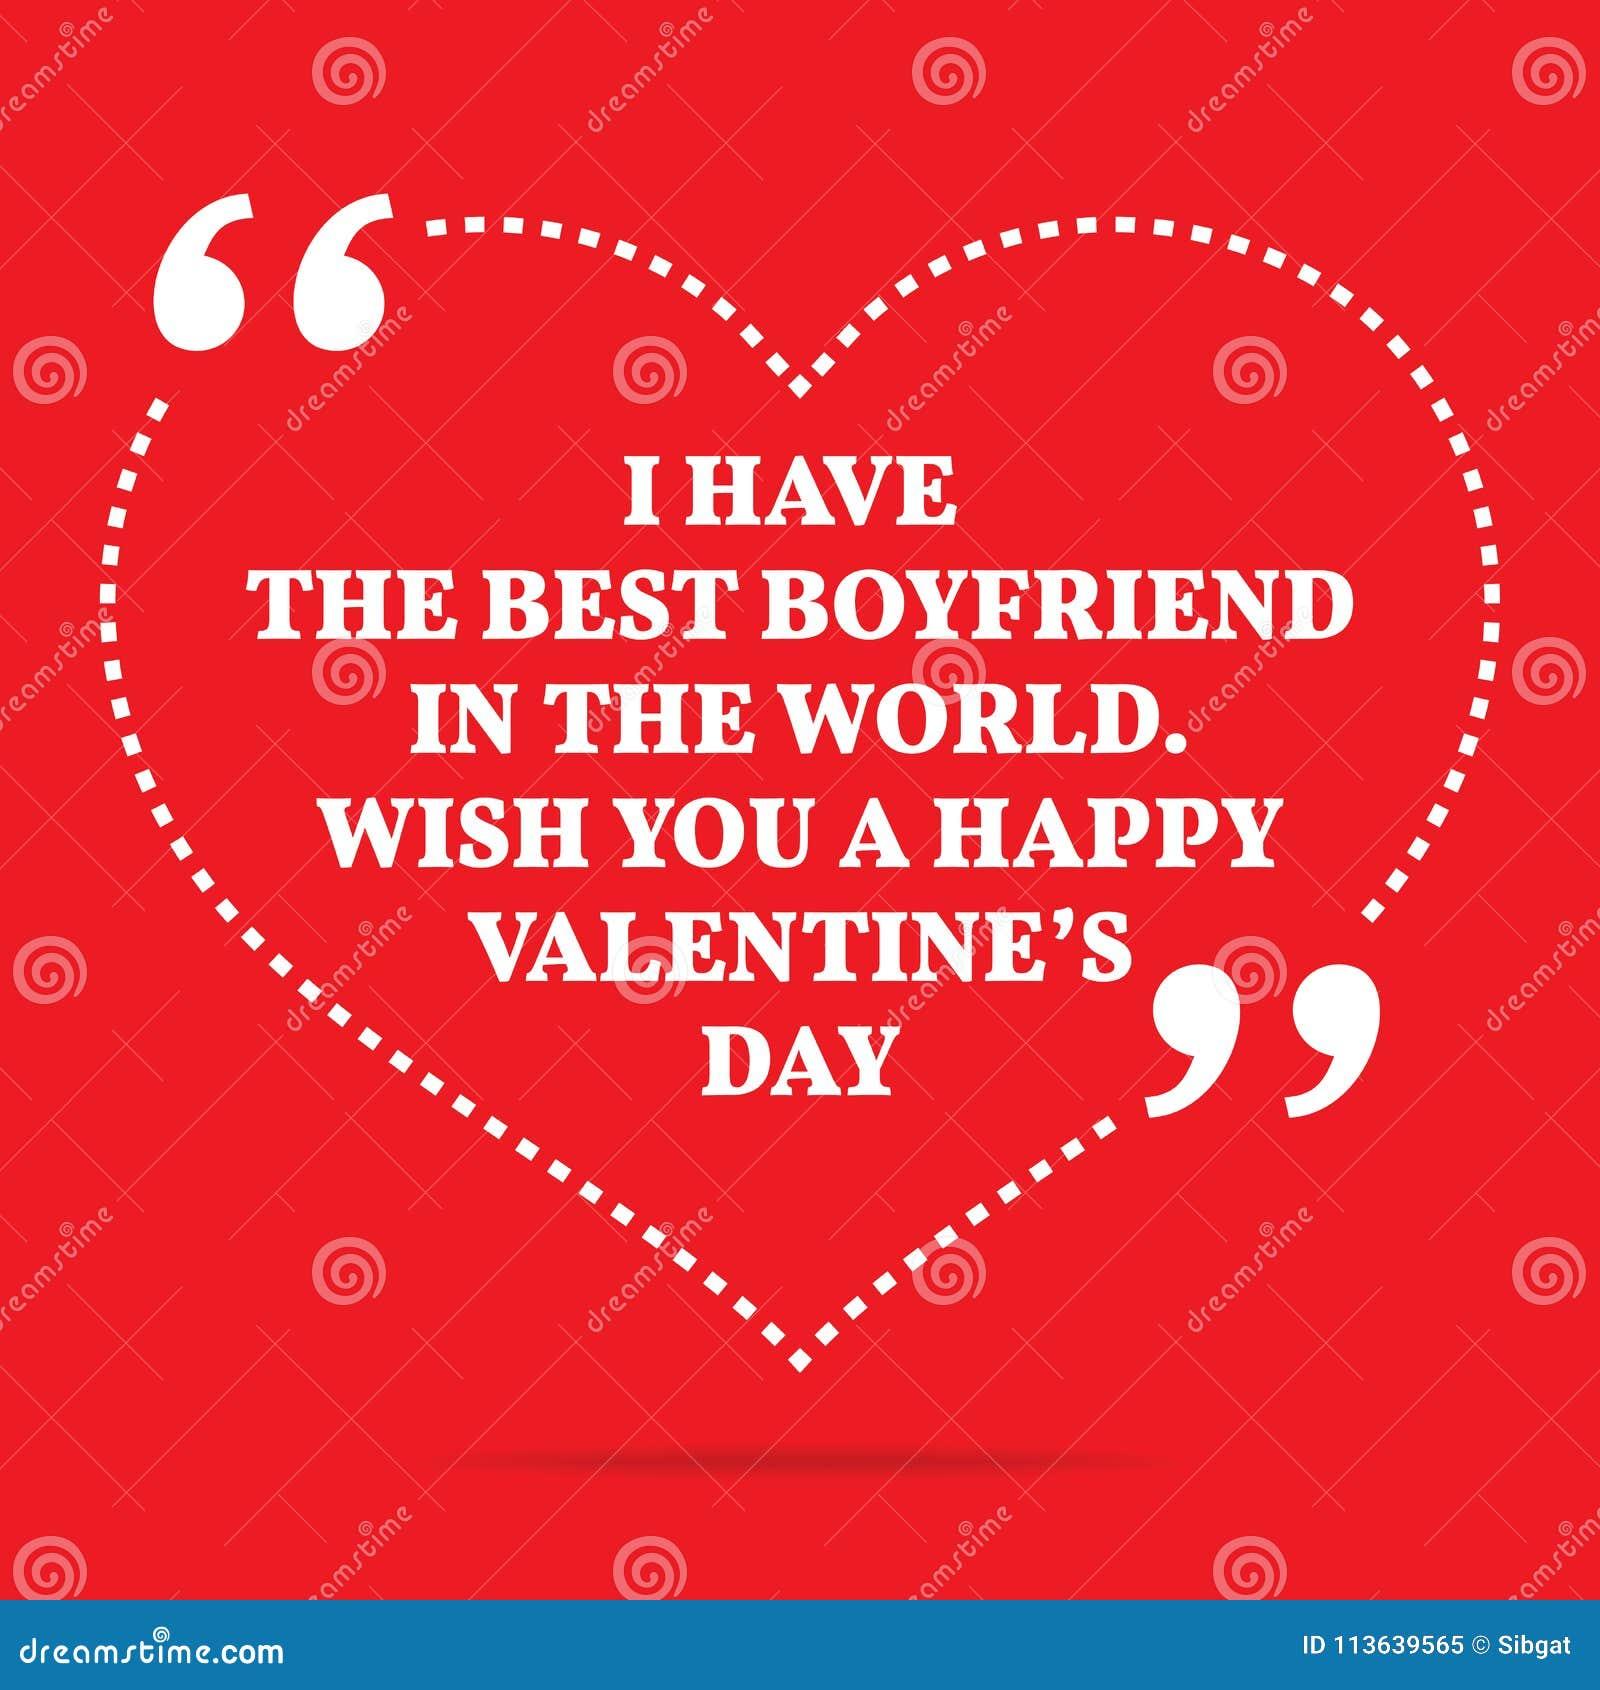 Best Boyfriend In The World Quotes: Inspirational Love Quote. I Have The Best Boyfriend In The